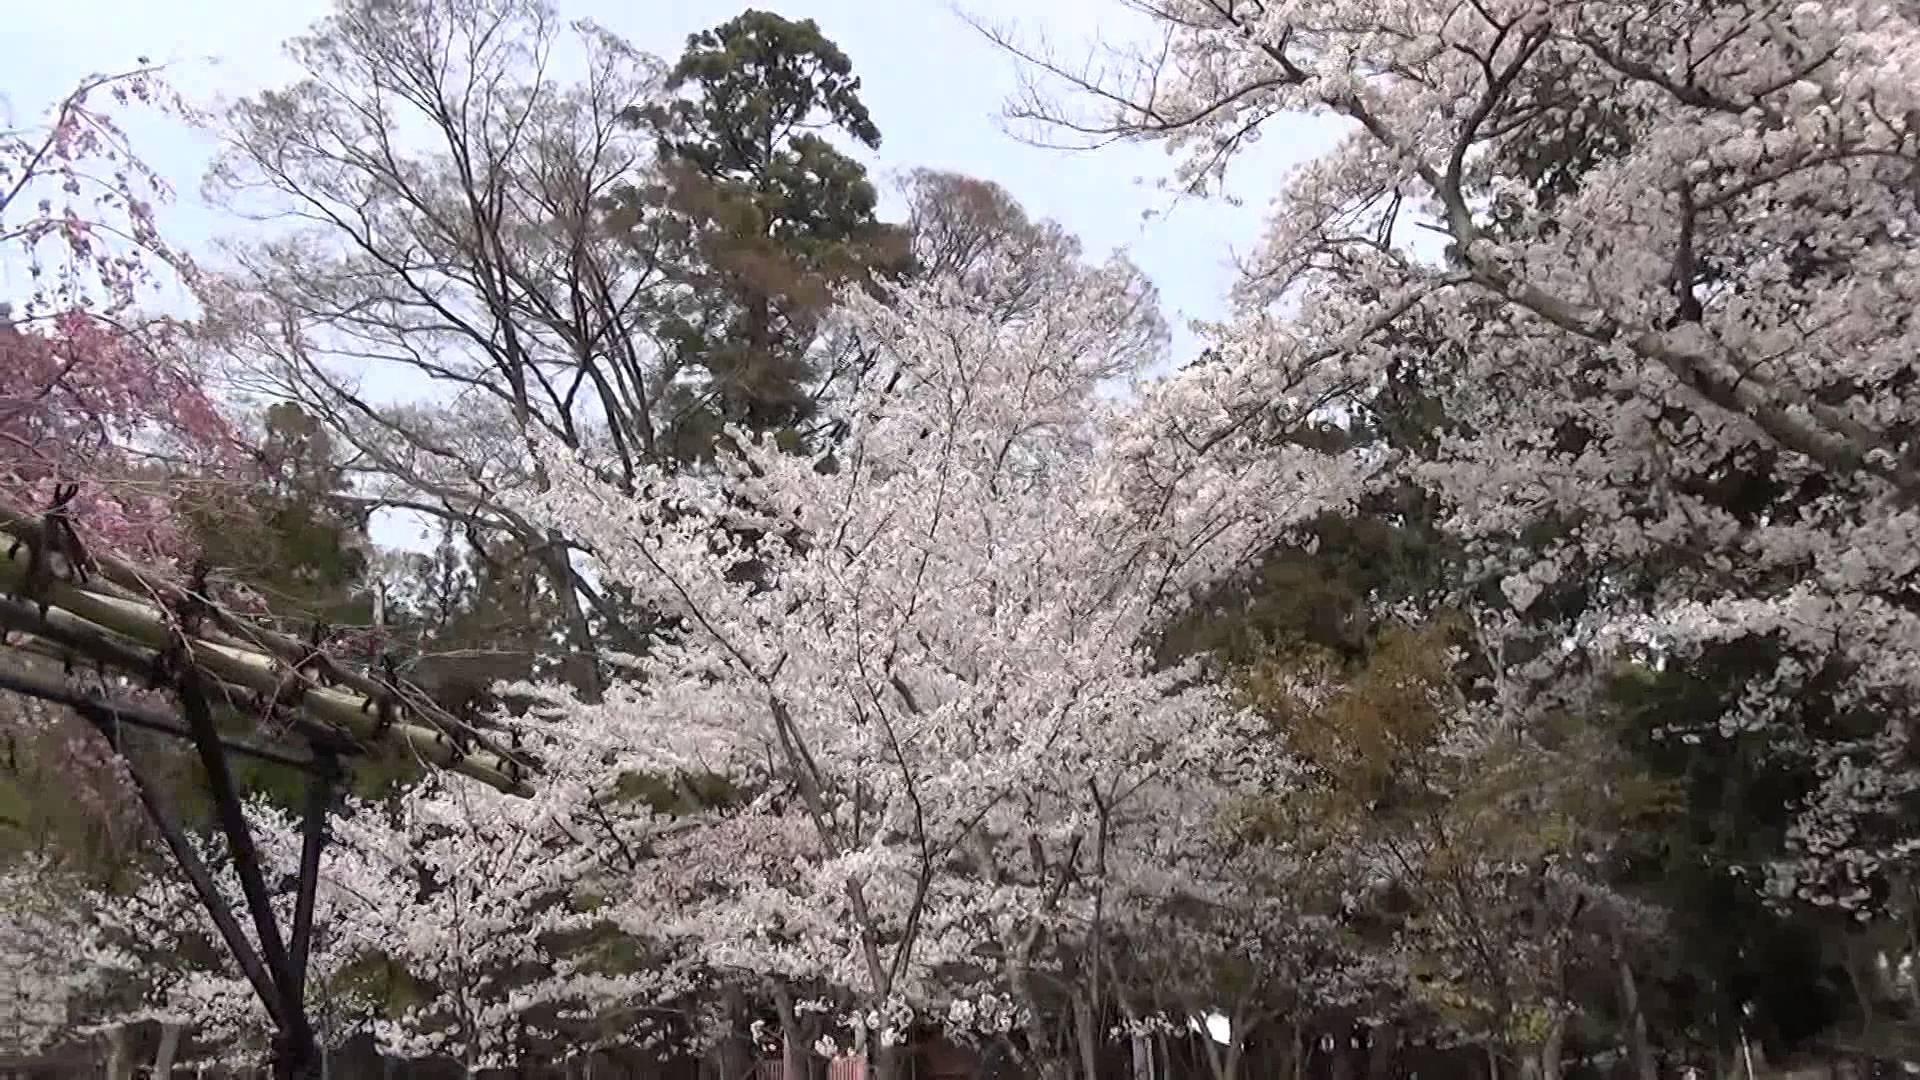 ひろーい芝生が拡がる開放的な空間で咲き乱れる桜たちに癒された上賀茂神社